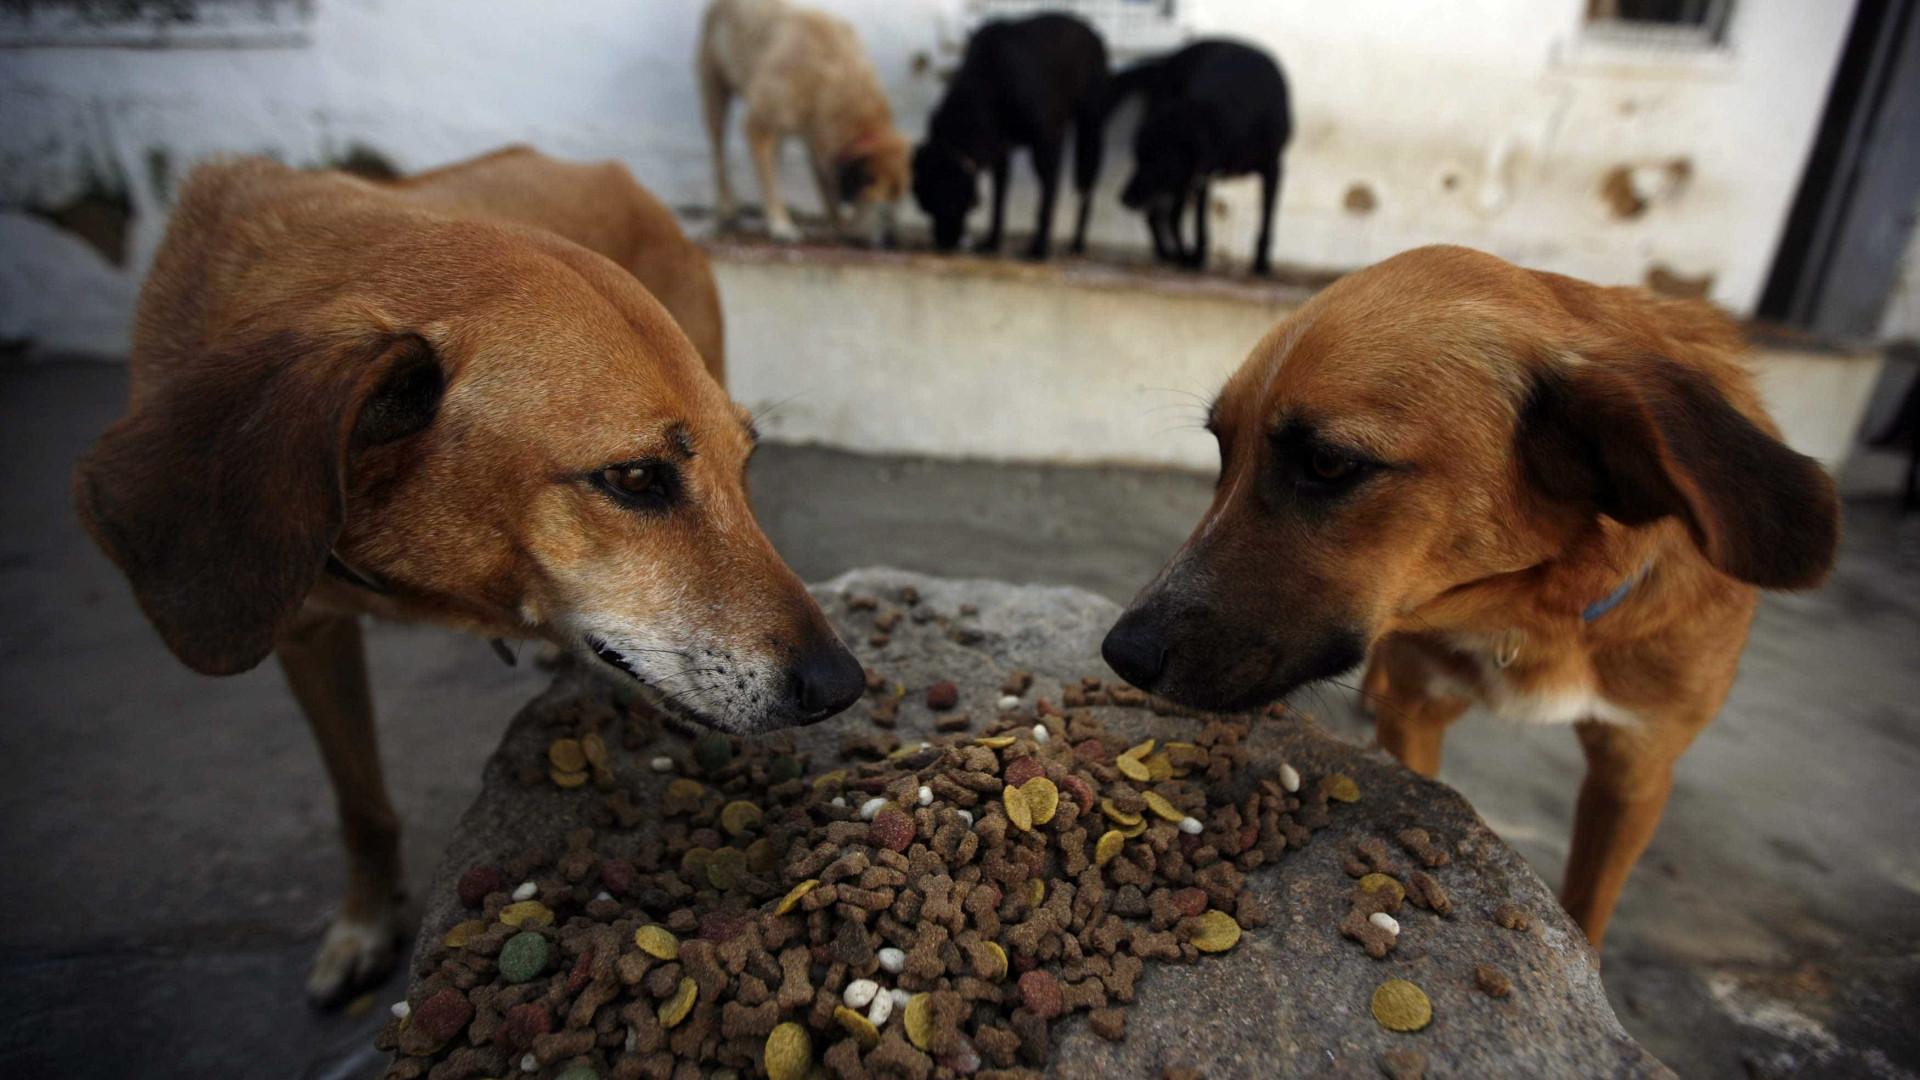 Recolhidos 50 cães de moradia em Câmara de Lobos. Vídeo gera polémica